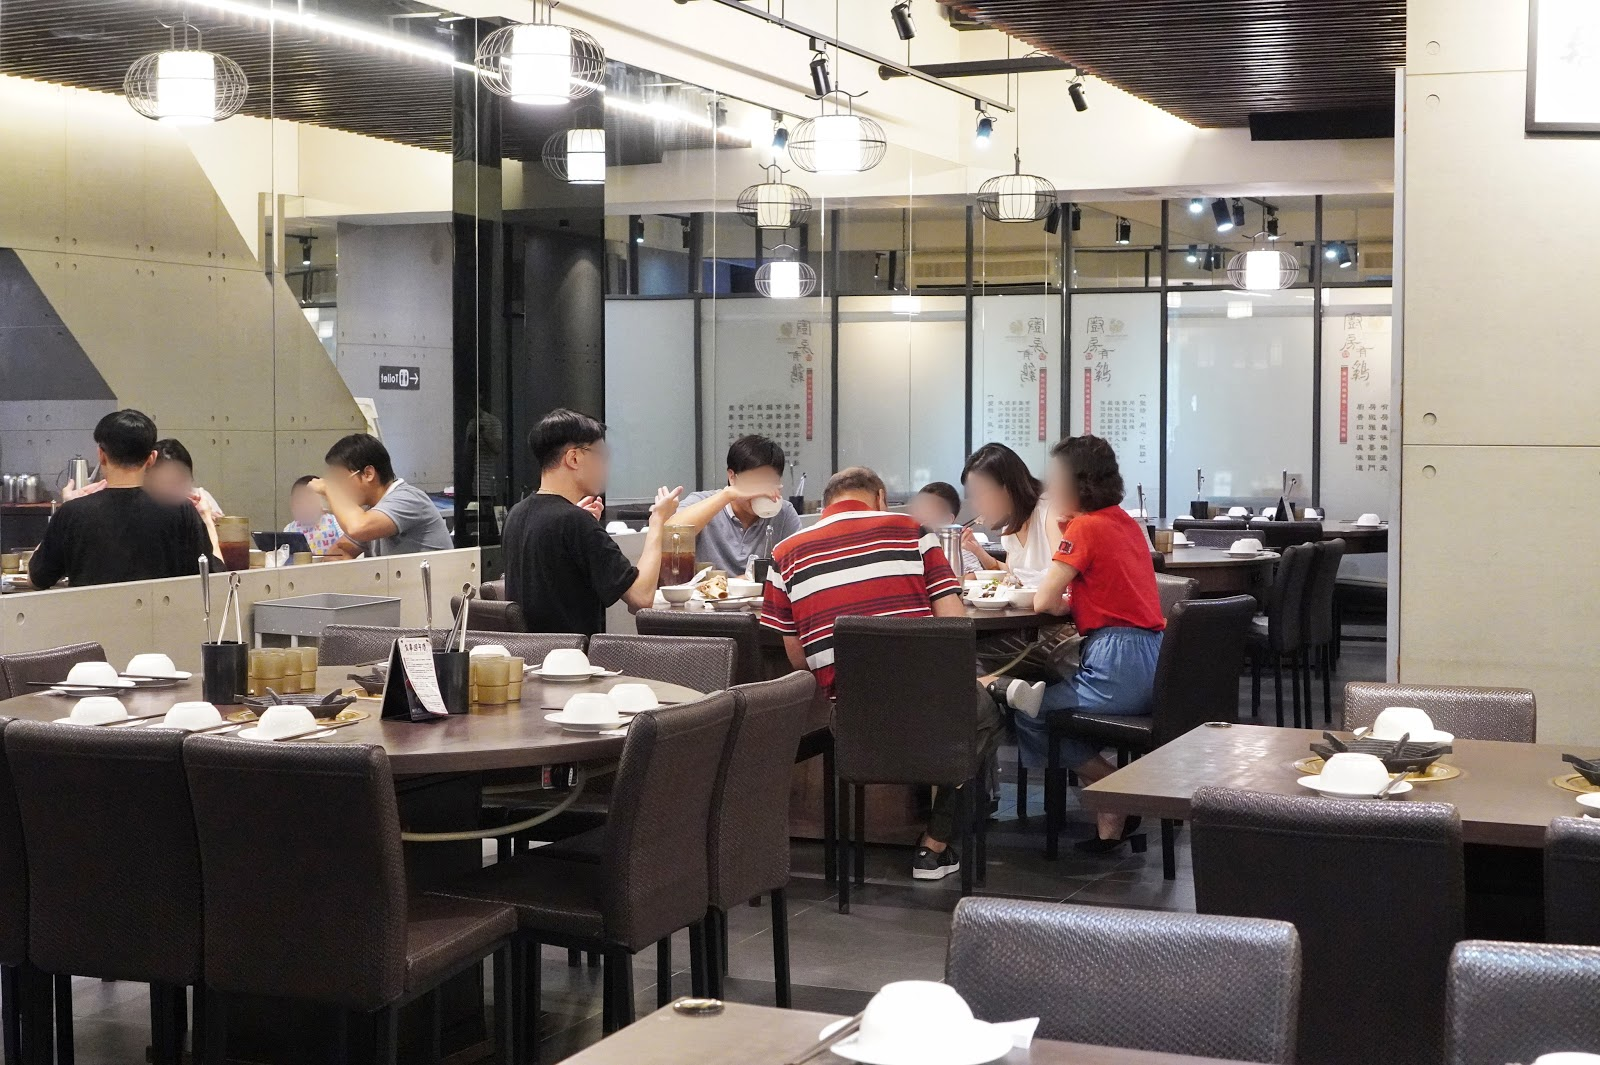 台南東區美食【廚房有雞花雕雞】用餐環境